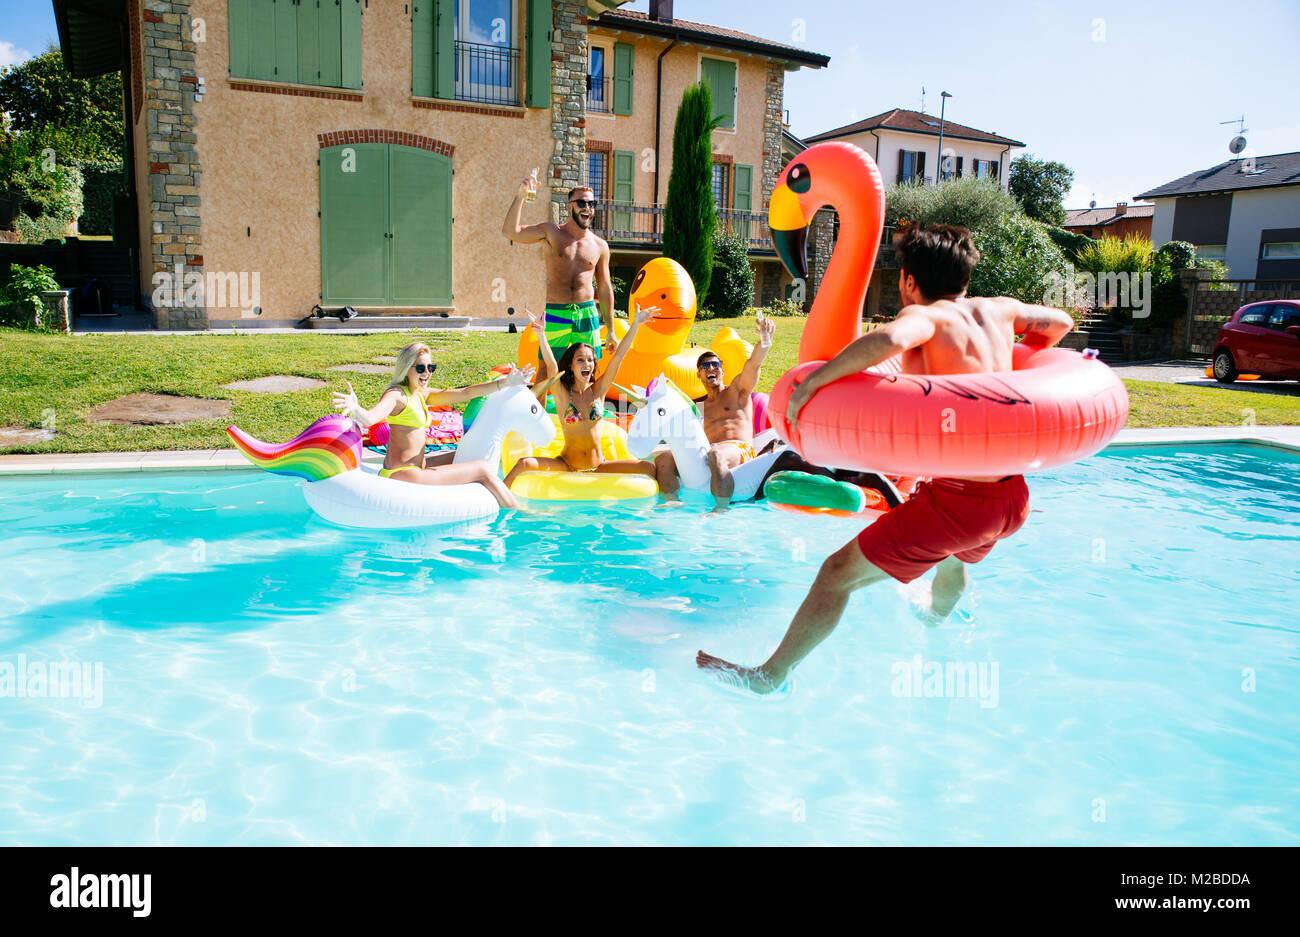 Legs Floating In Pool Water Stock Photos Legs Floating In Pool Water Stock Images Alamy